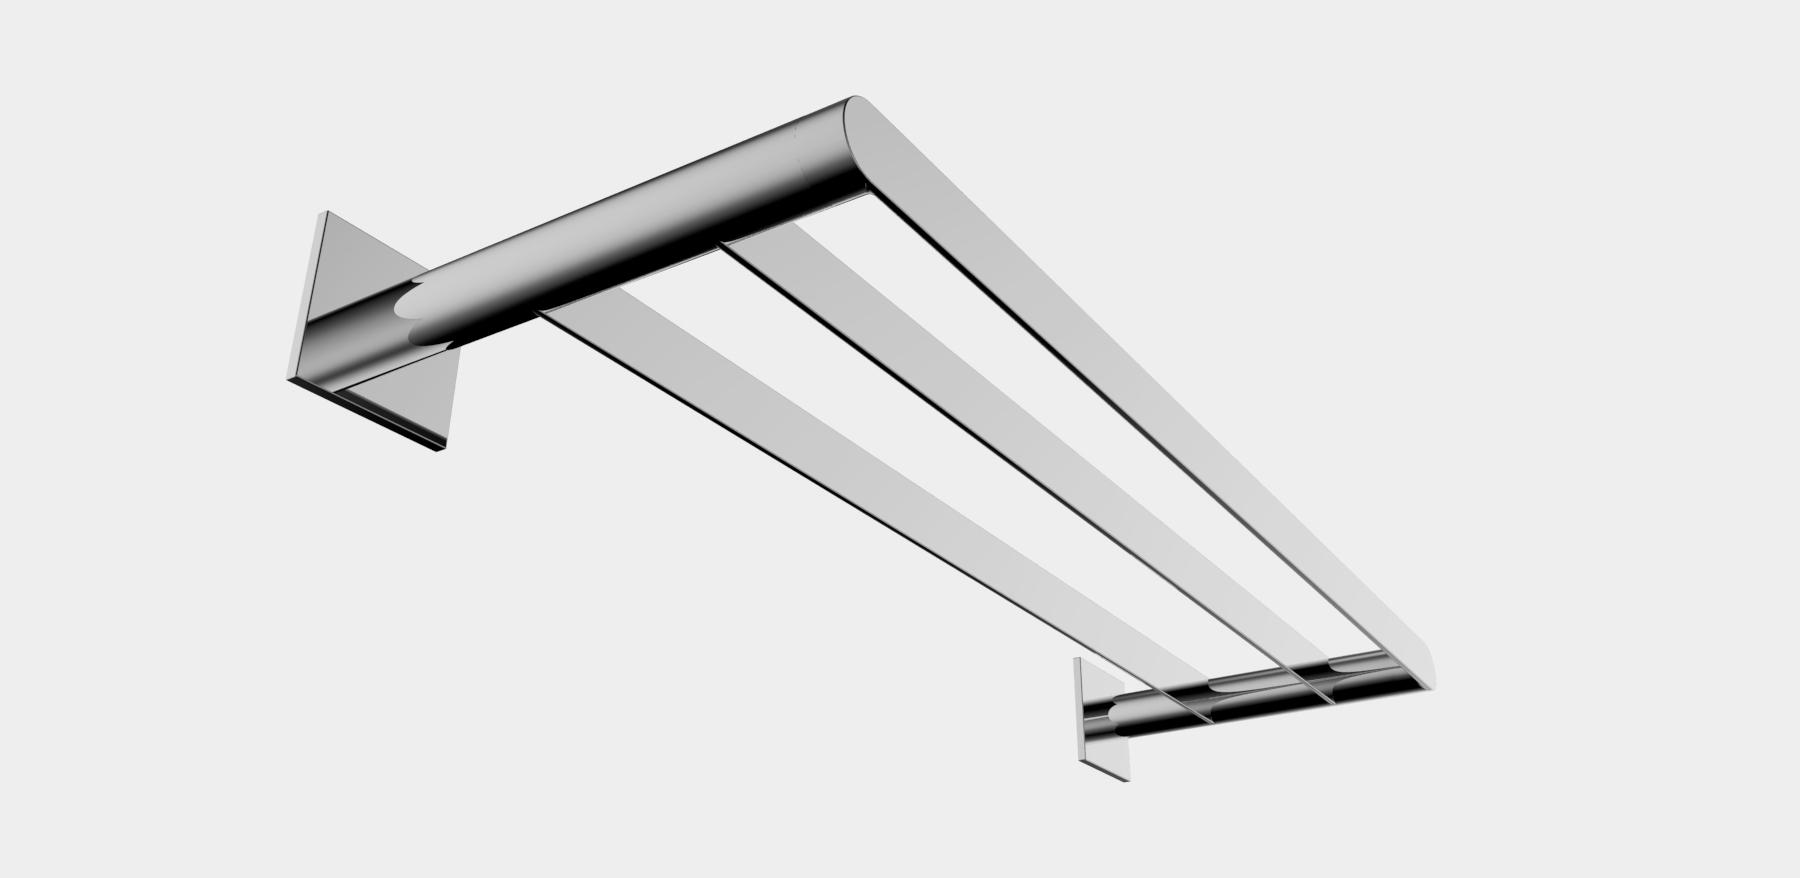 挂件设计-上海工业设计公司-即禾设计